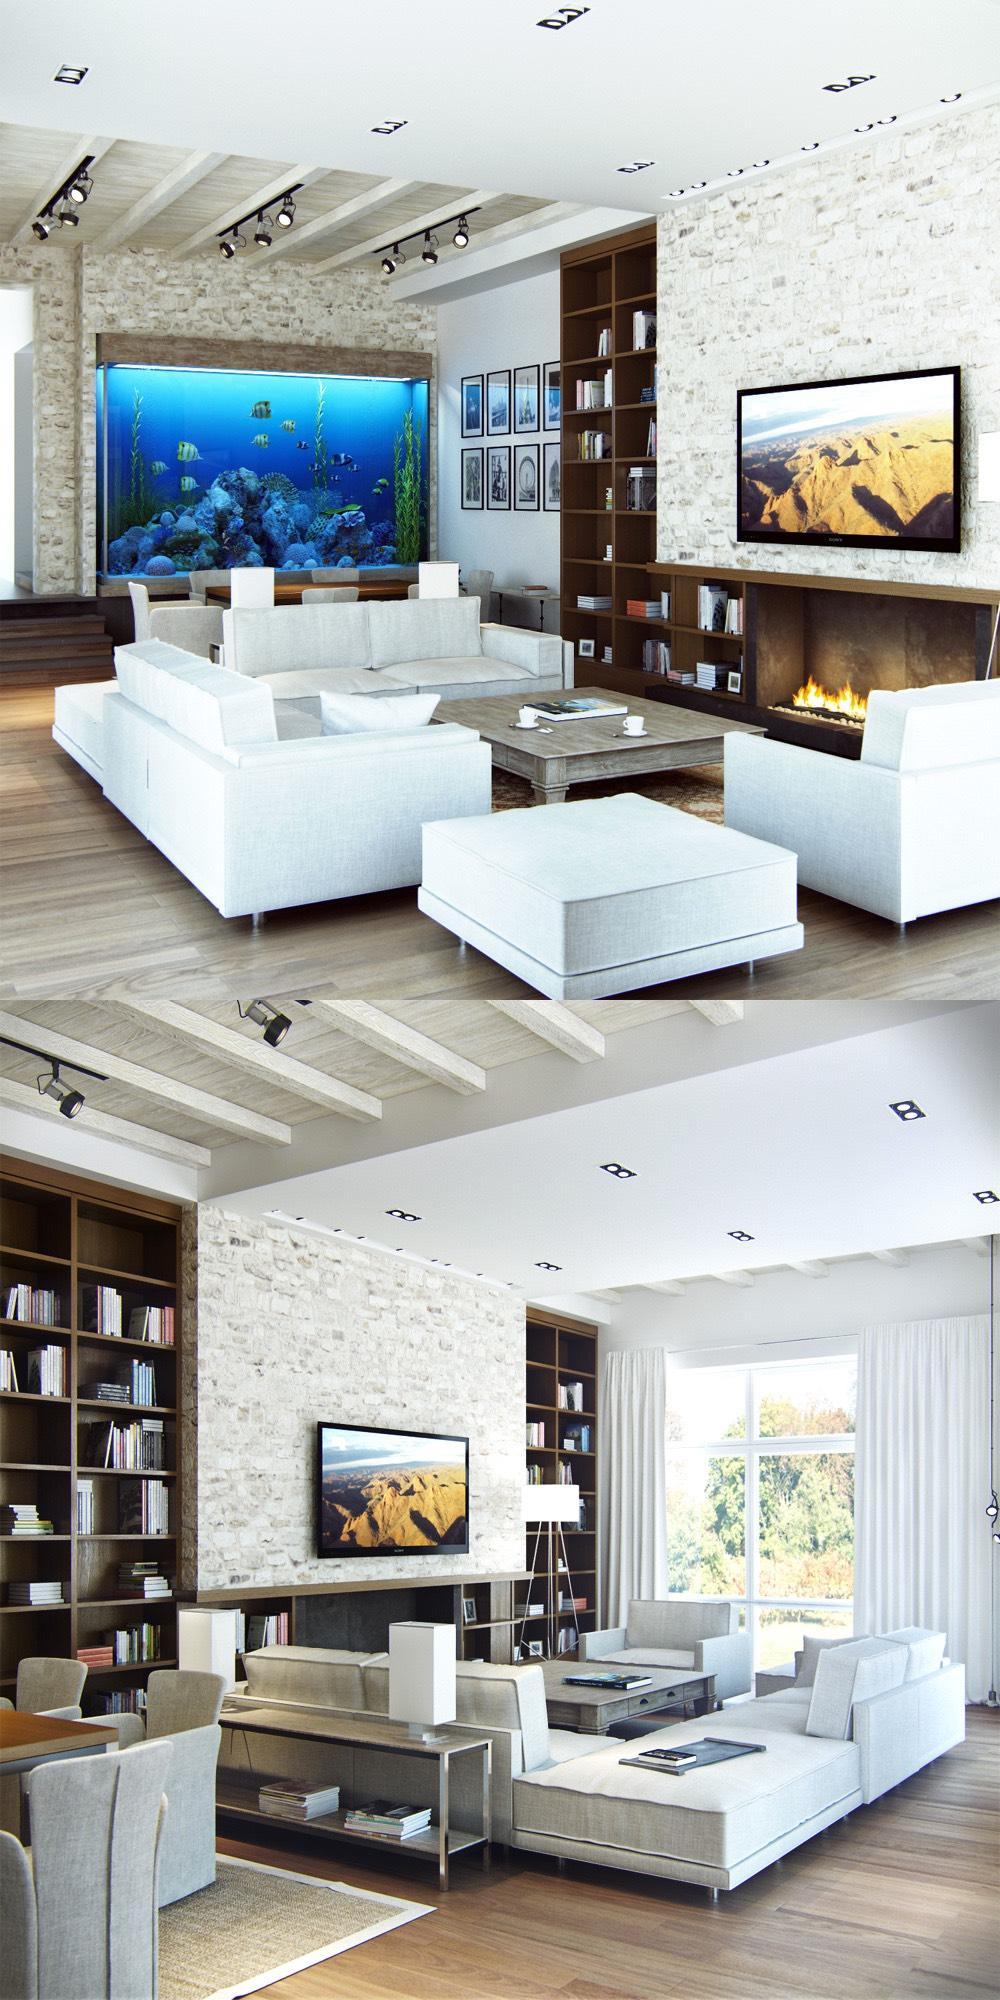 beyaz-ev-mobilyaları